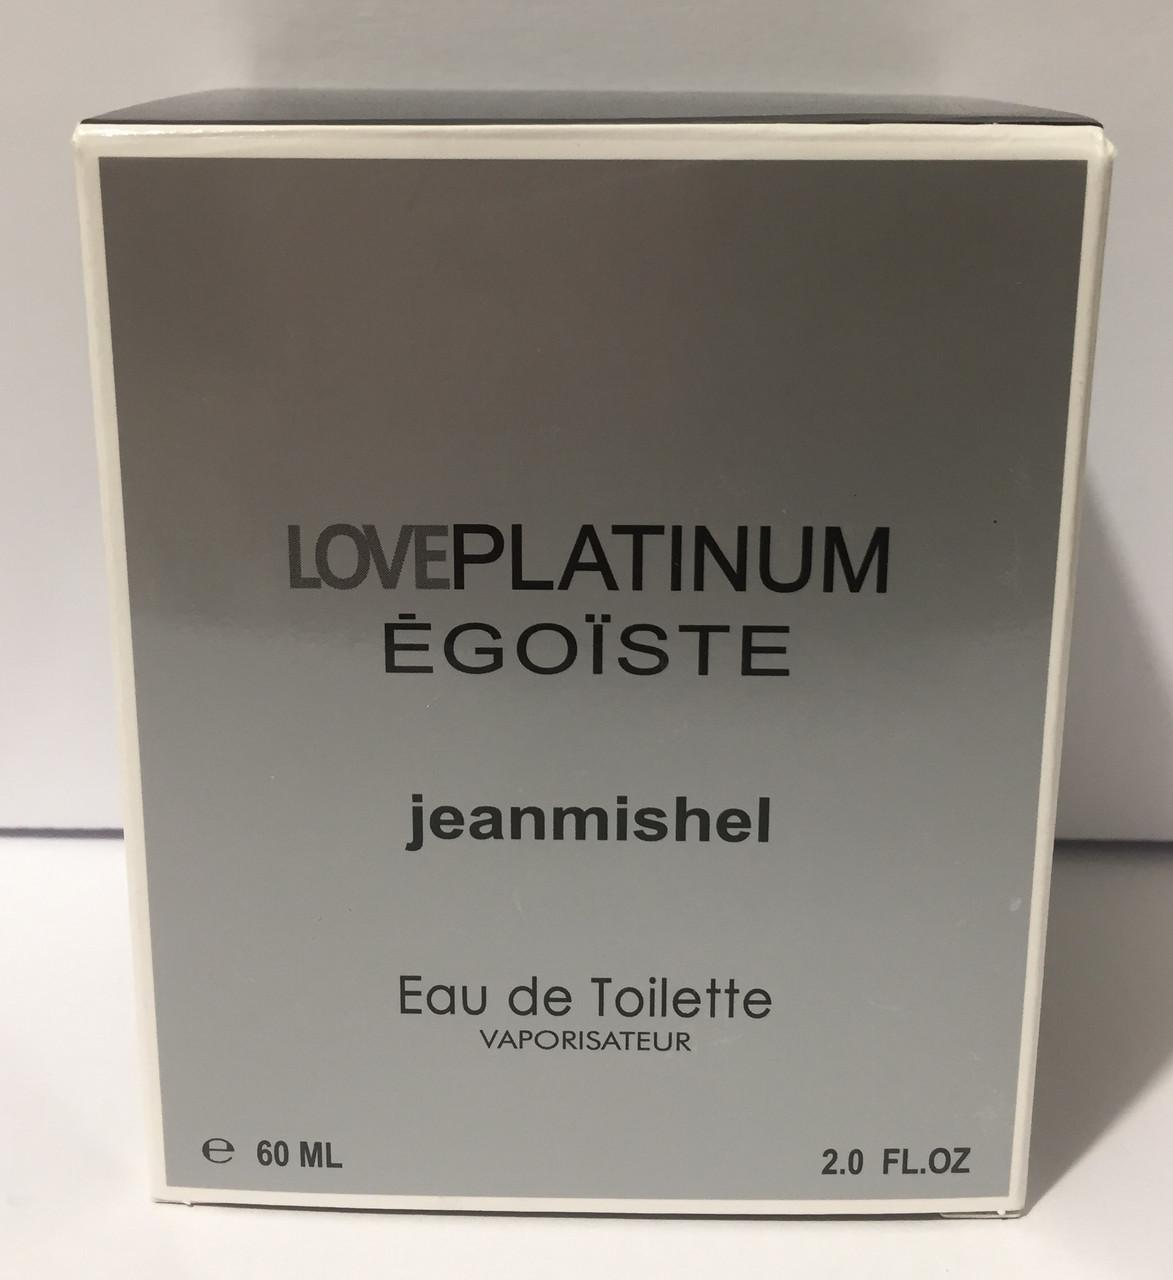 Тестер в подарочной упаковке jeanmishel lovePlatinum Egoiste 60 мл